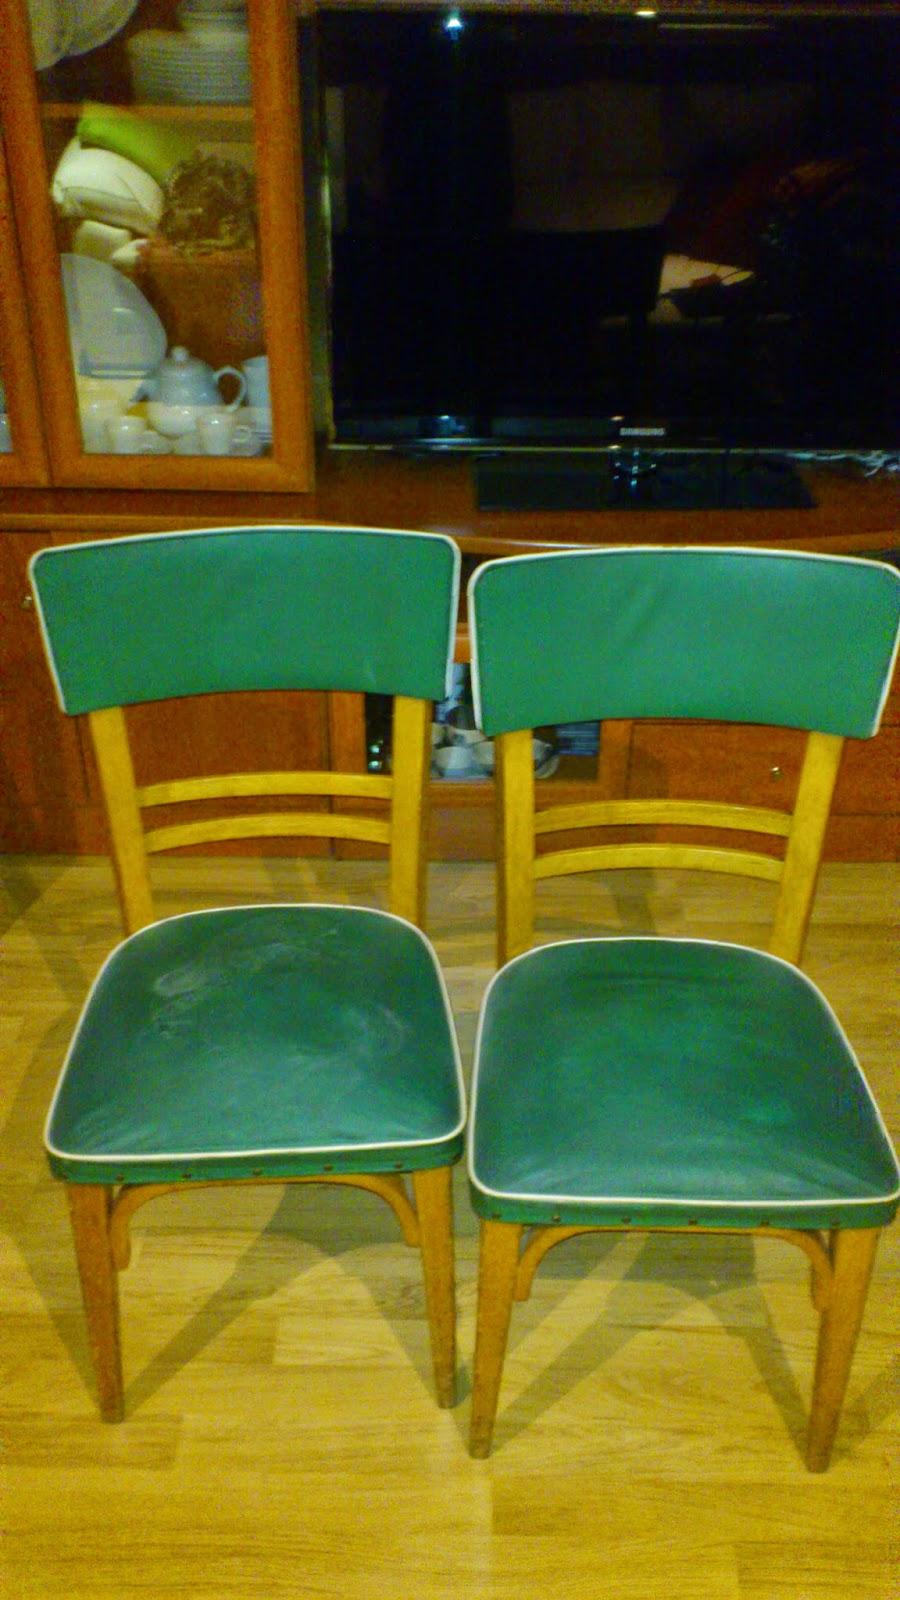 MADERA DE MINDI: Tapizando y modernizando: De unas sillas viejas a ...